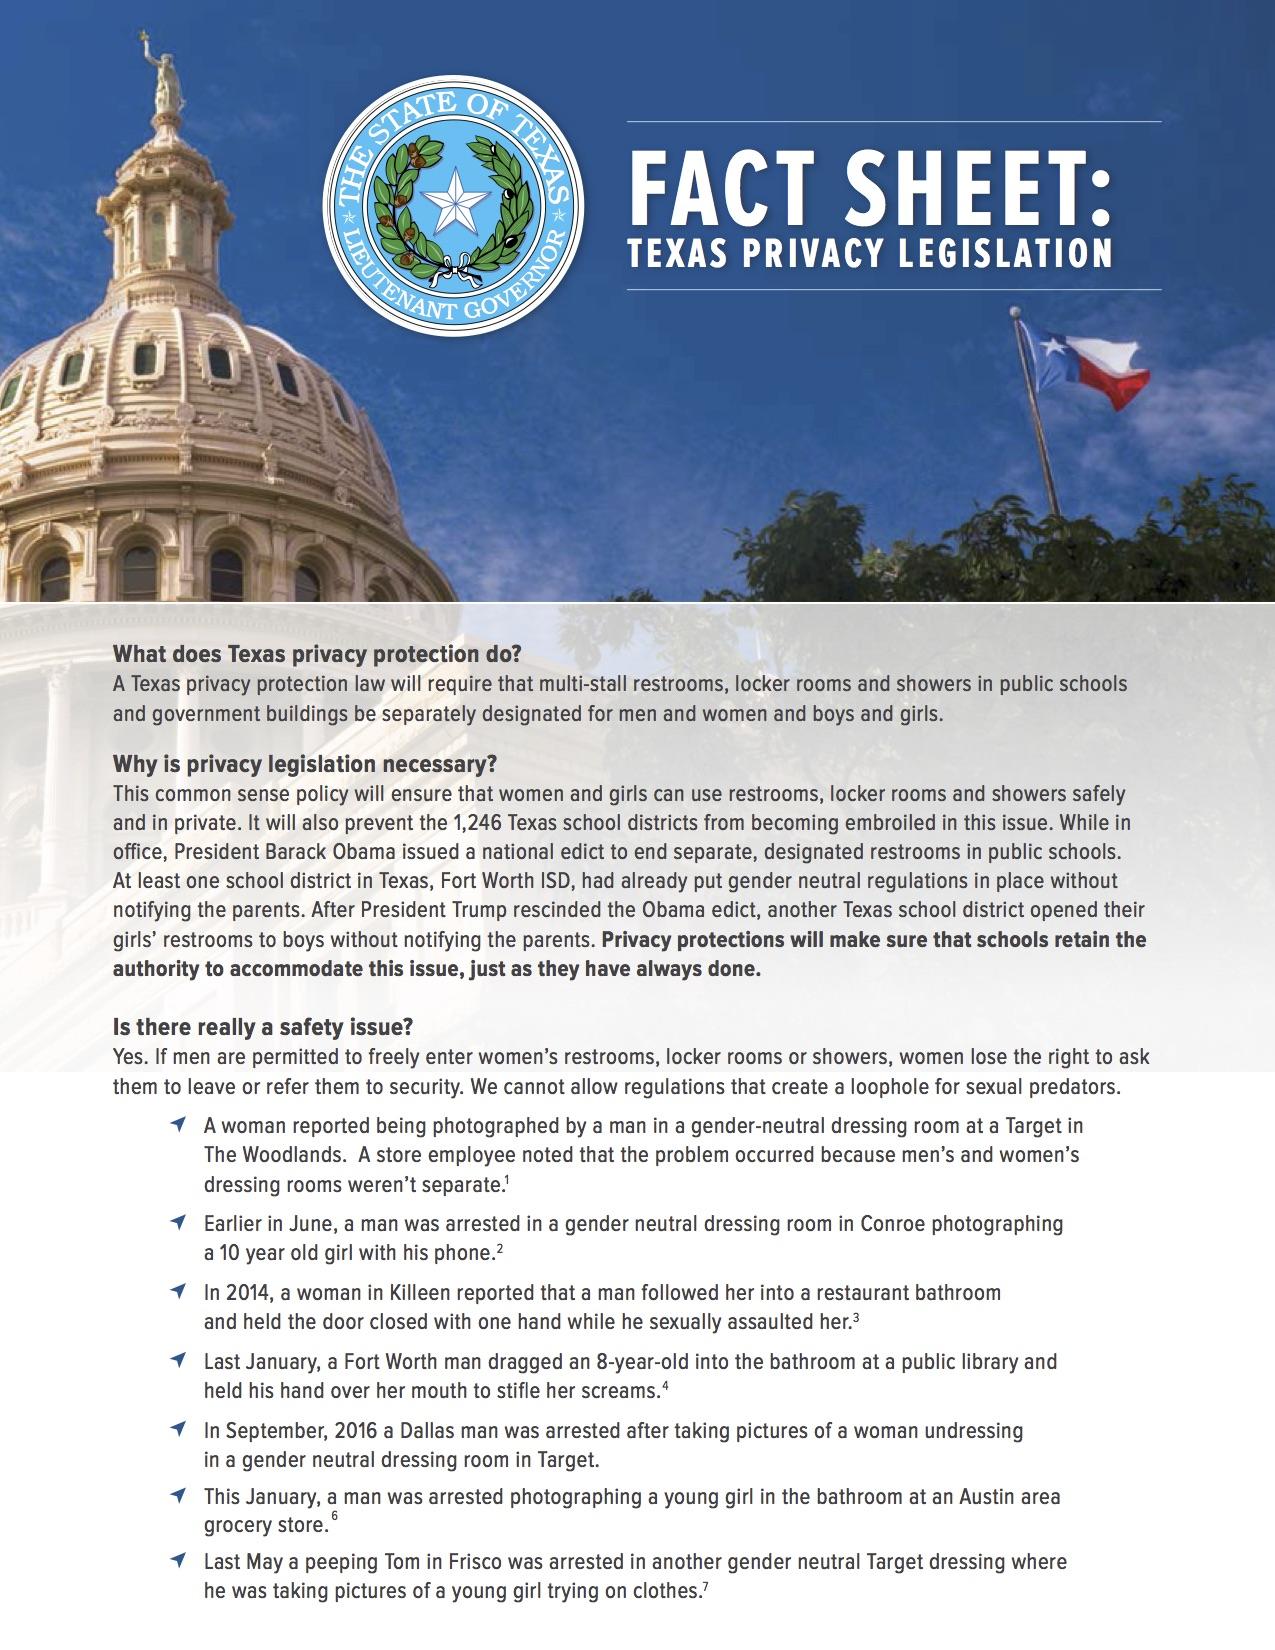 Patrick_TX_Fact_Sheet v2